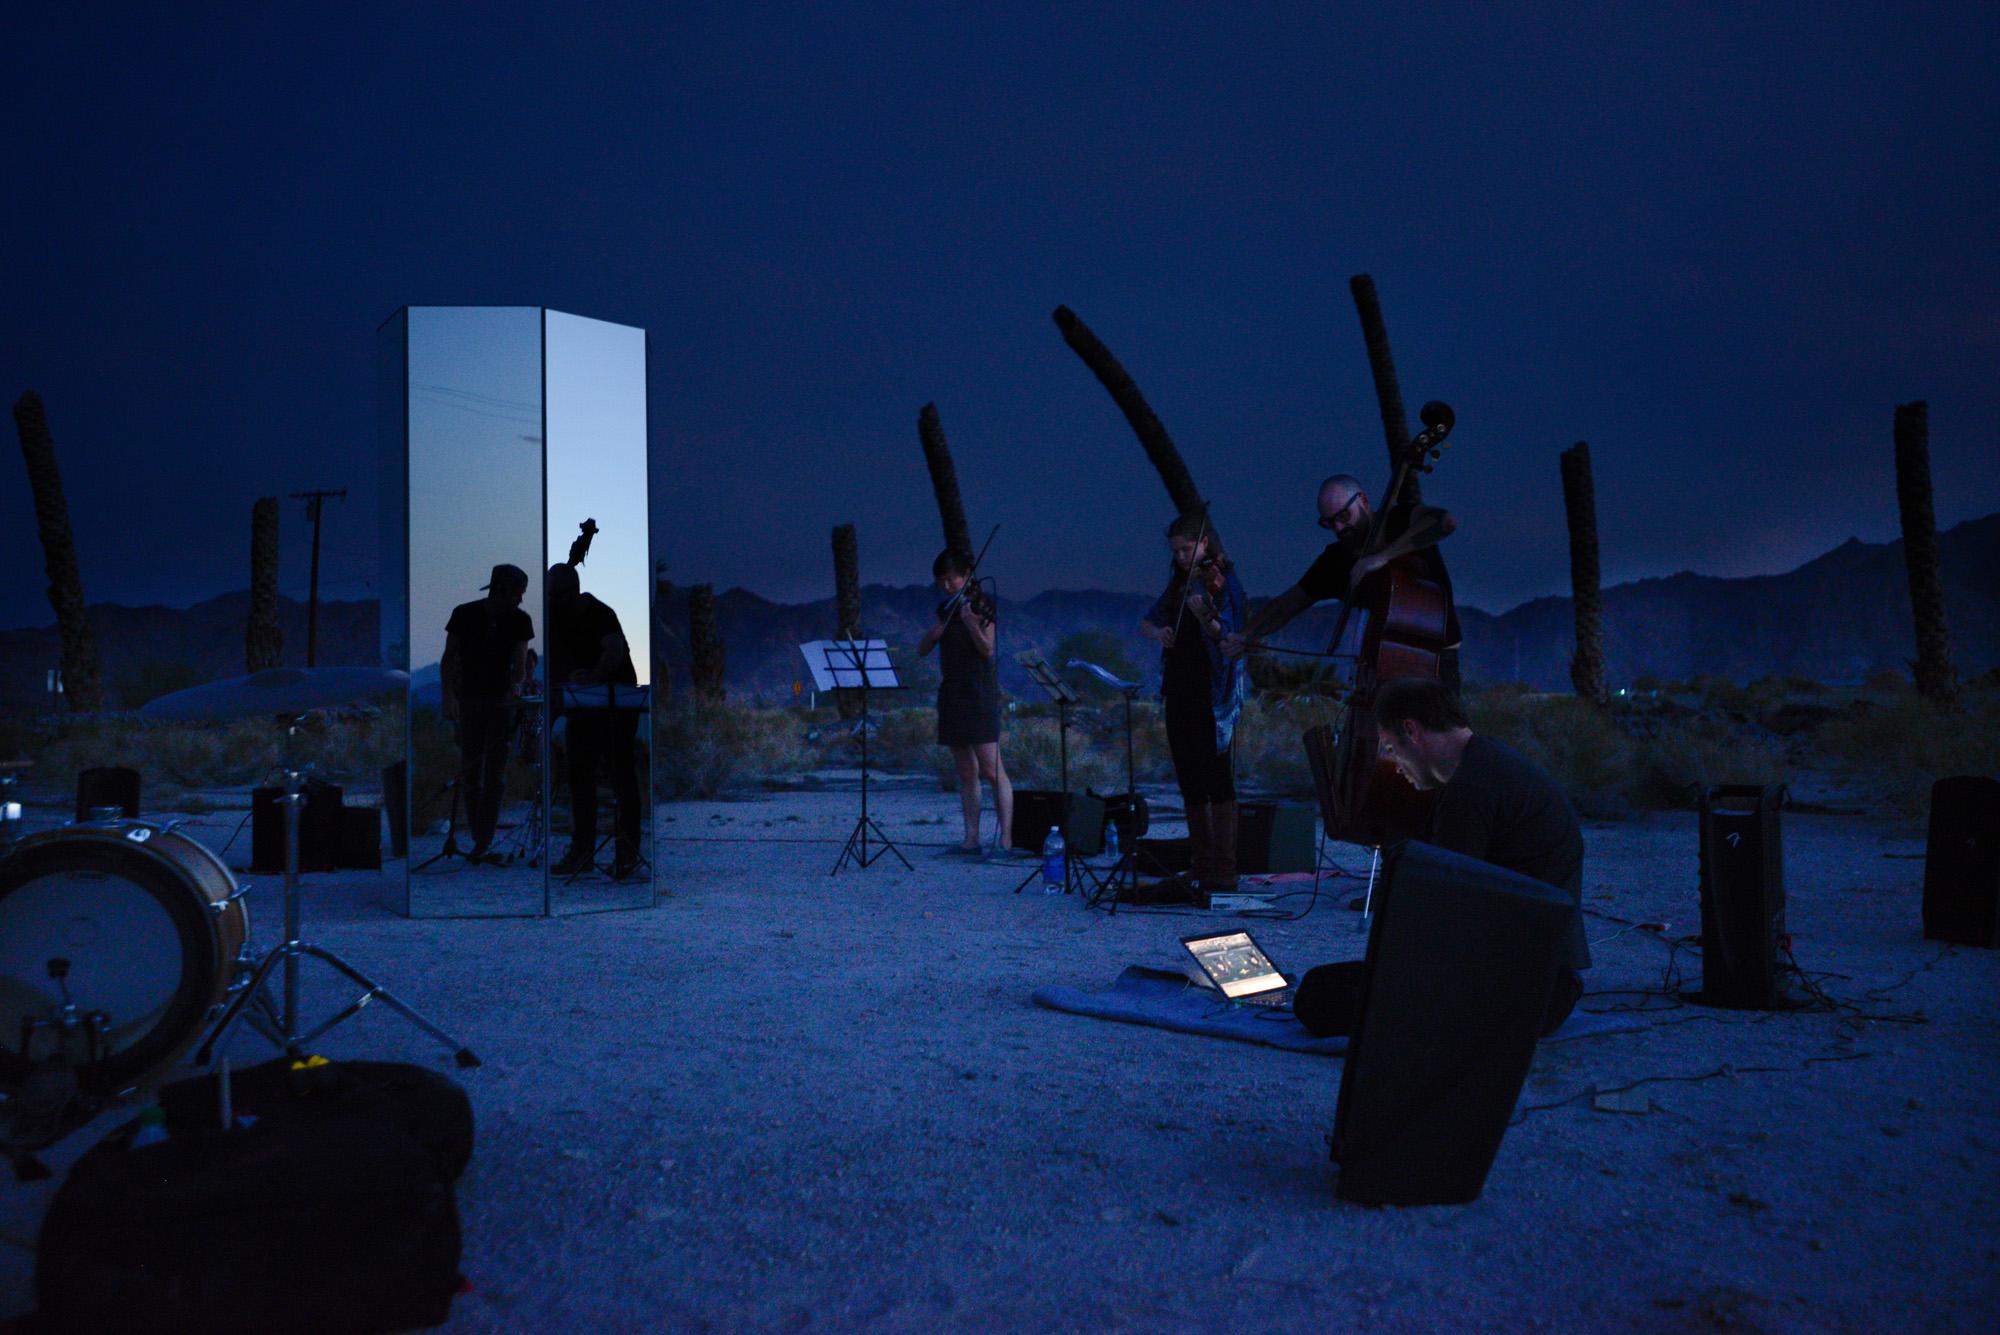 Performance by Scott Benzel, Desert Center (Composition I10 Mvmt IV: Dusk)